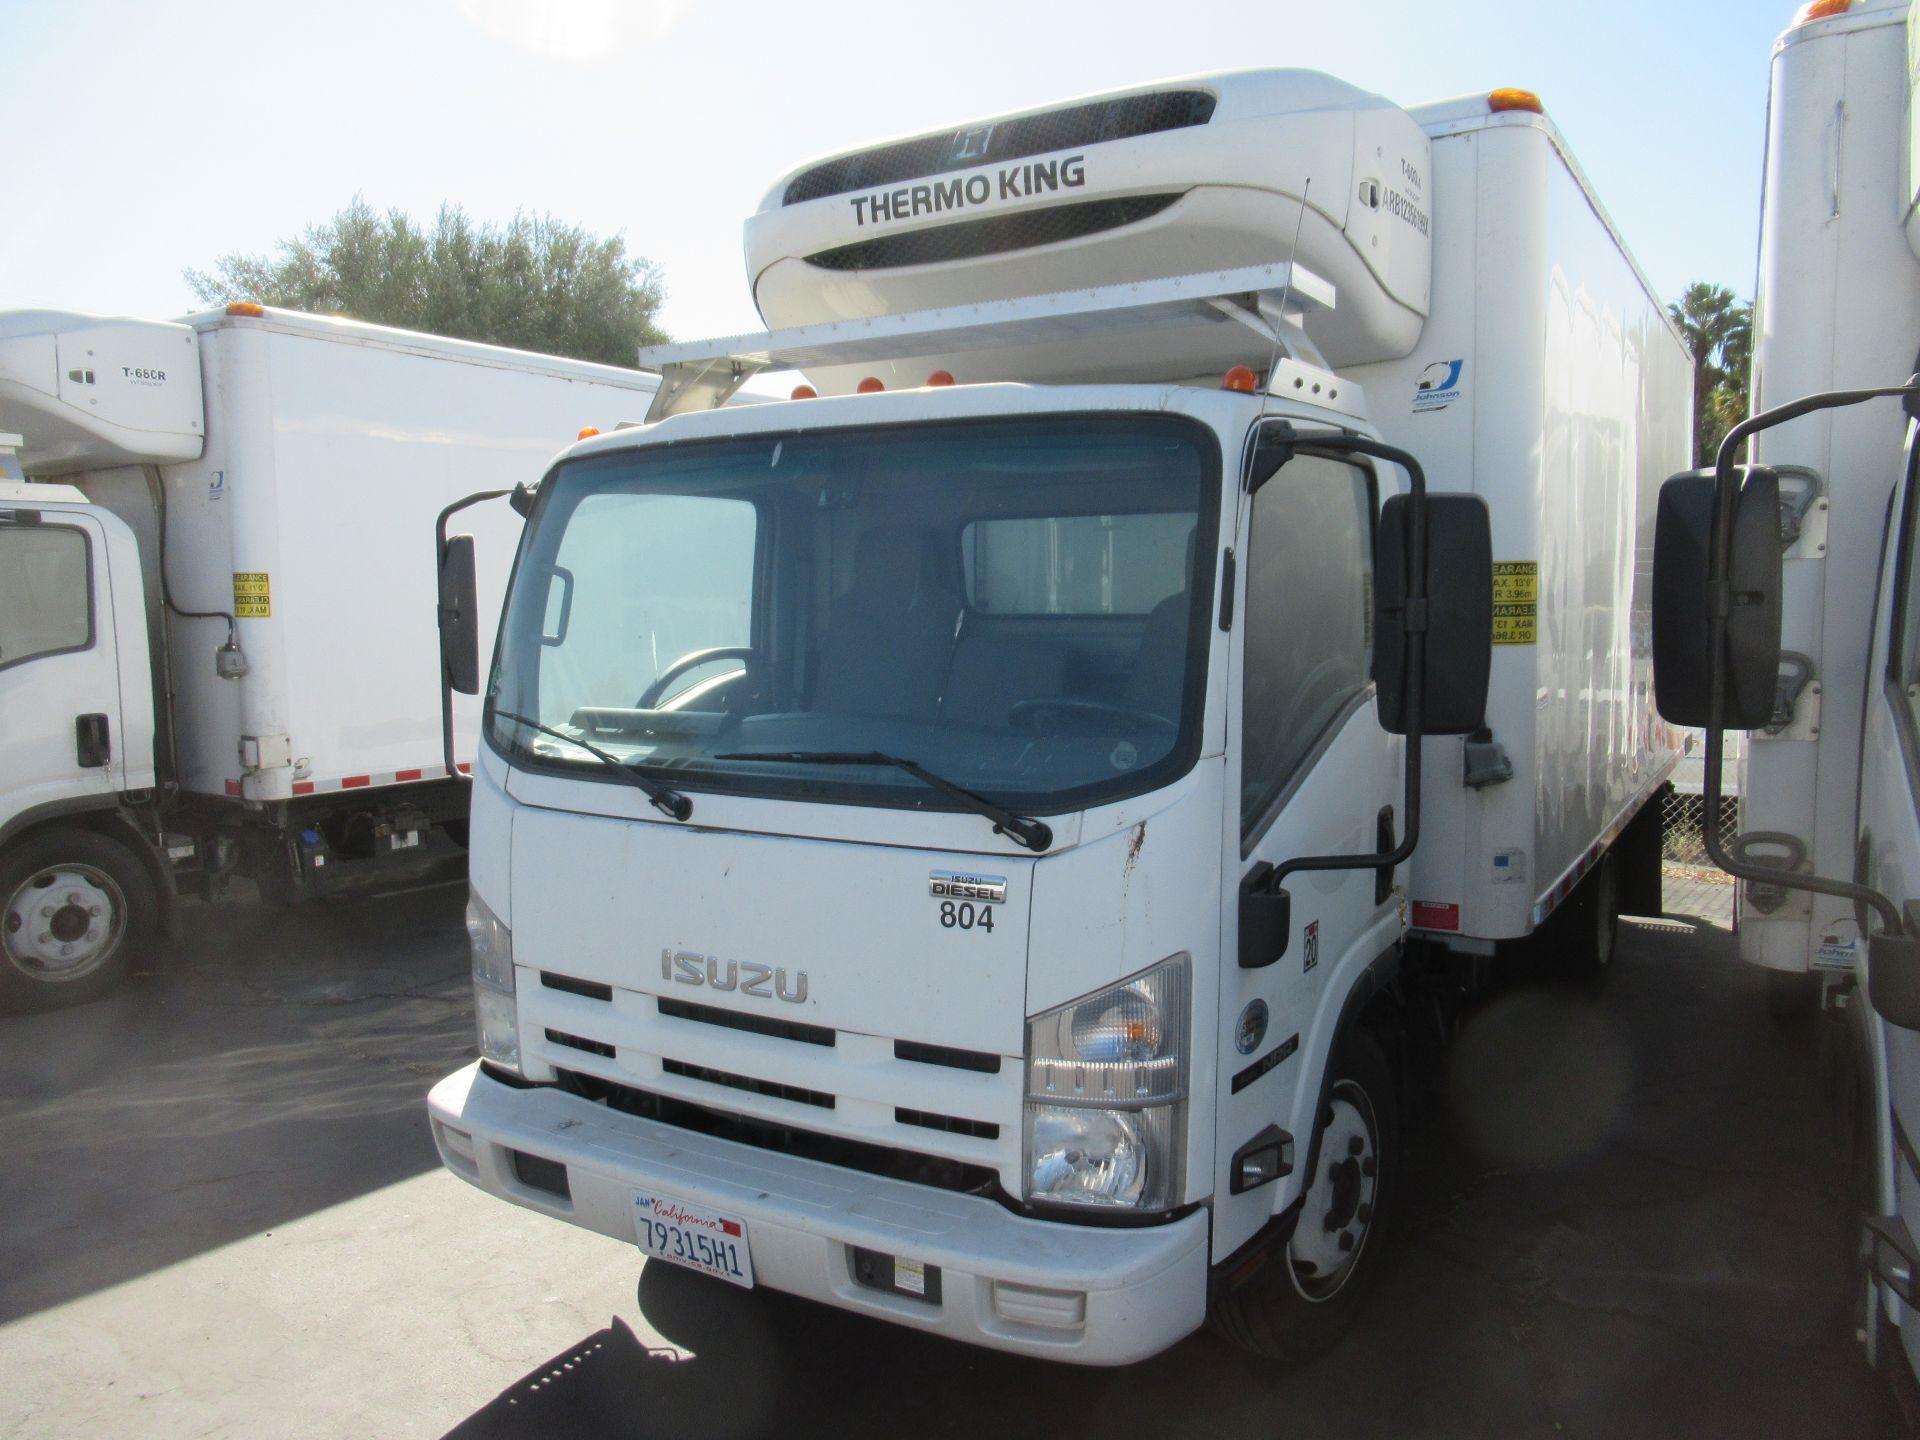 2013 Isuzu refrigerated truck - Image 3 of 10